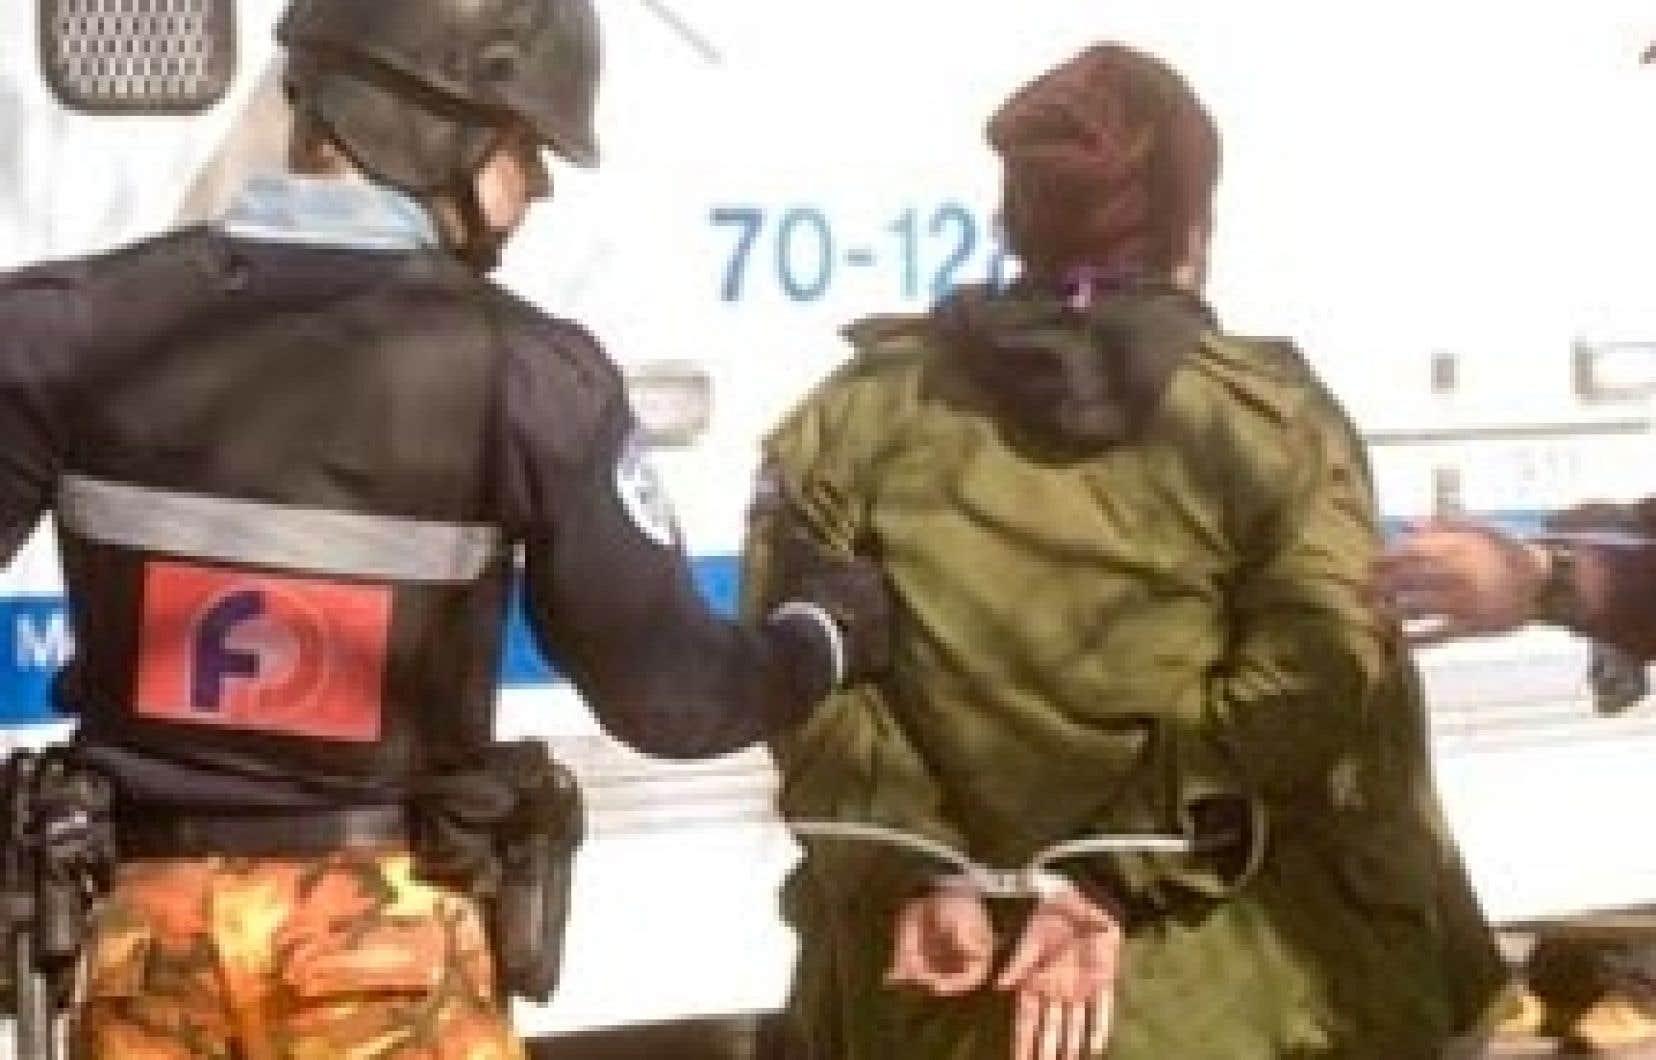 Des policiers procèdent à une arrestation au cours de la manifestation tenue hier à Montréal contre la brutalité policière.